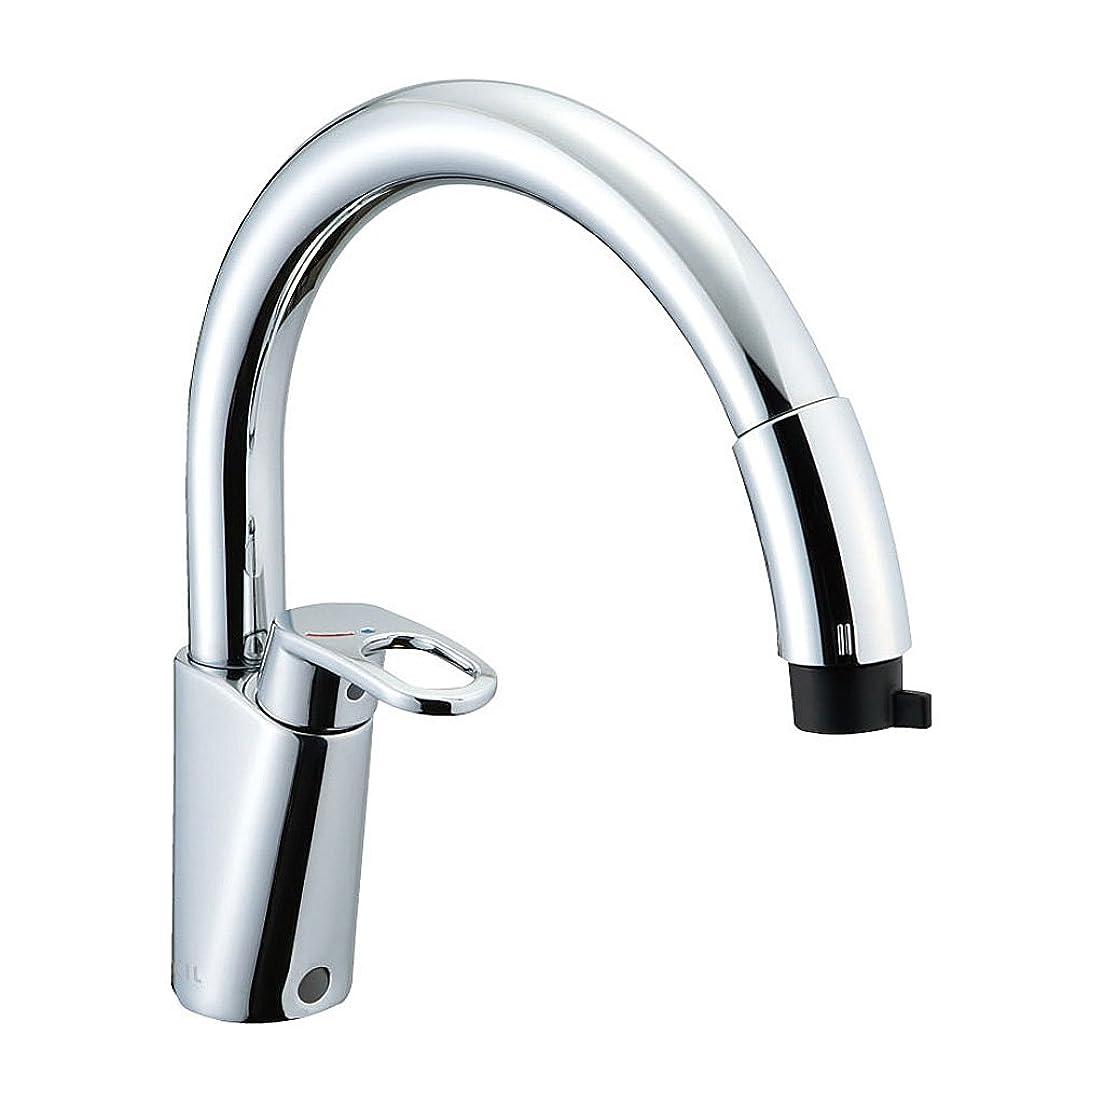 長くする思想騒乱LIXIL(リクシル) INAX キッチン用 ワンホールシングルレバー混合水栓 ハンドシャワー付 エコハンドル RSF-831Y